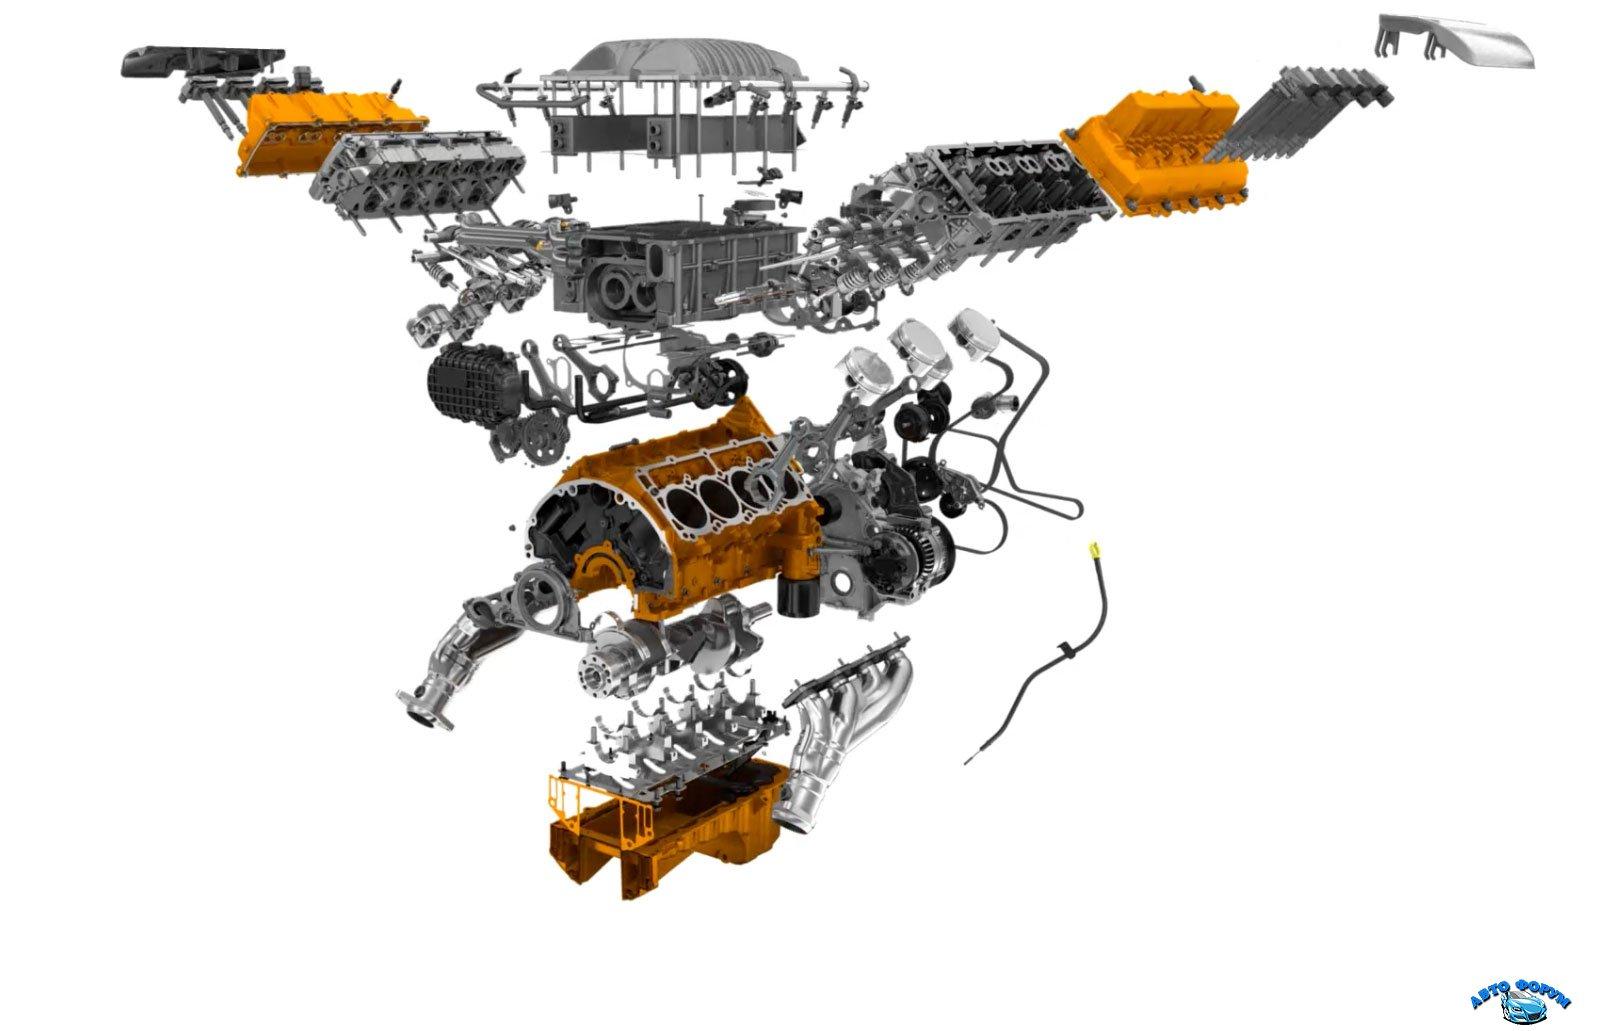 slide-3-engine-open.jpg